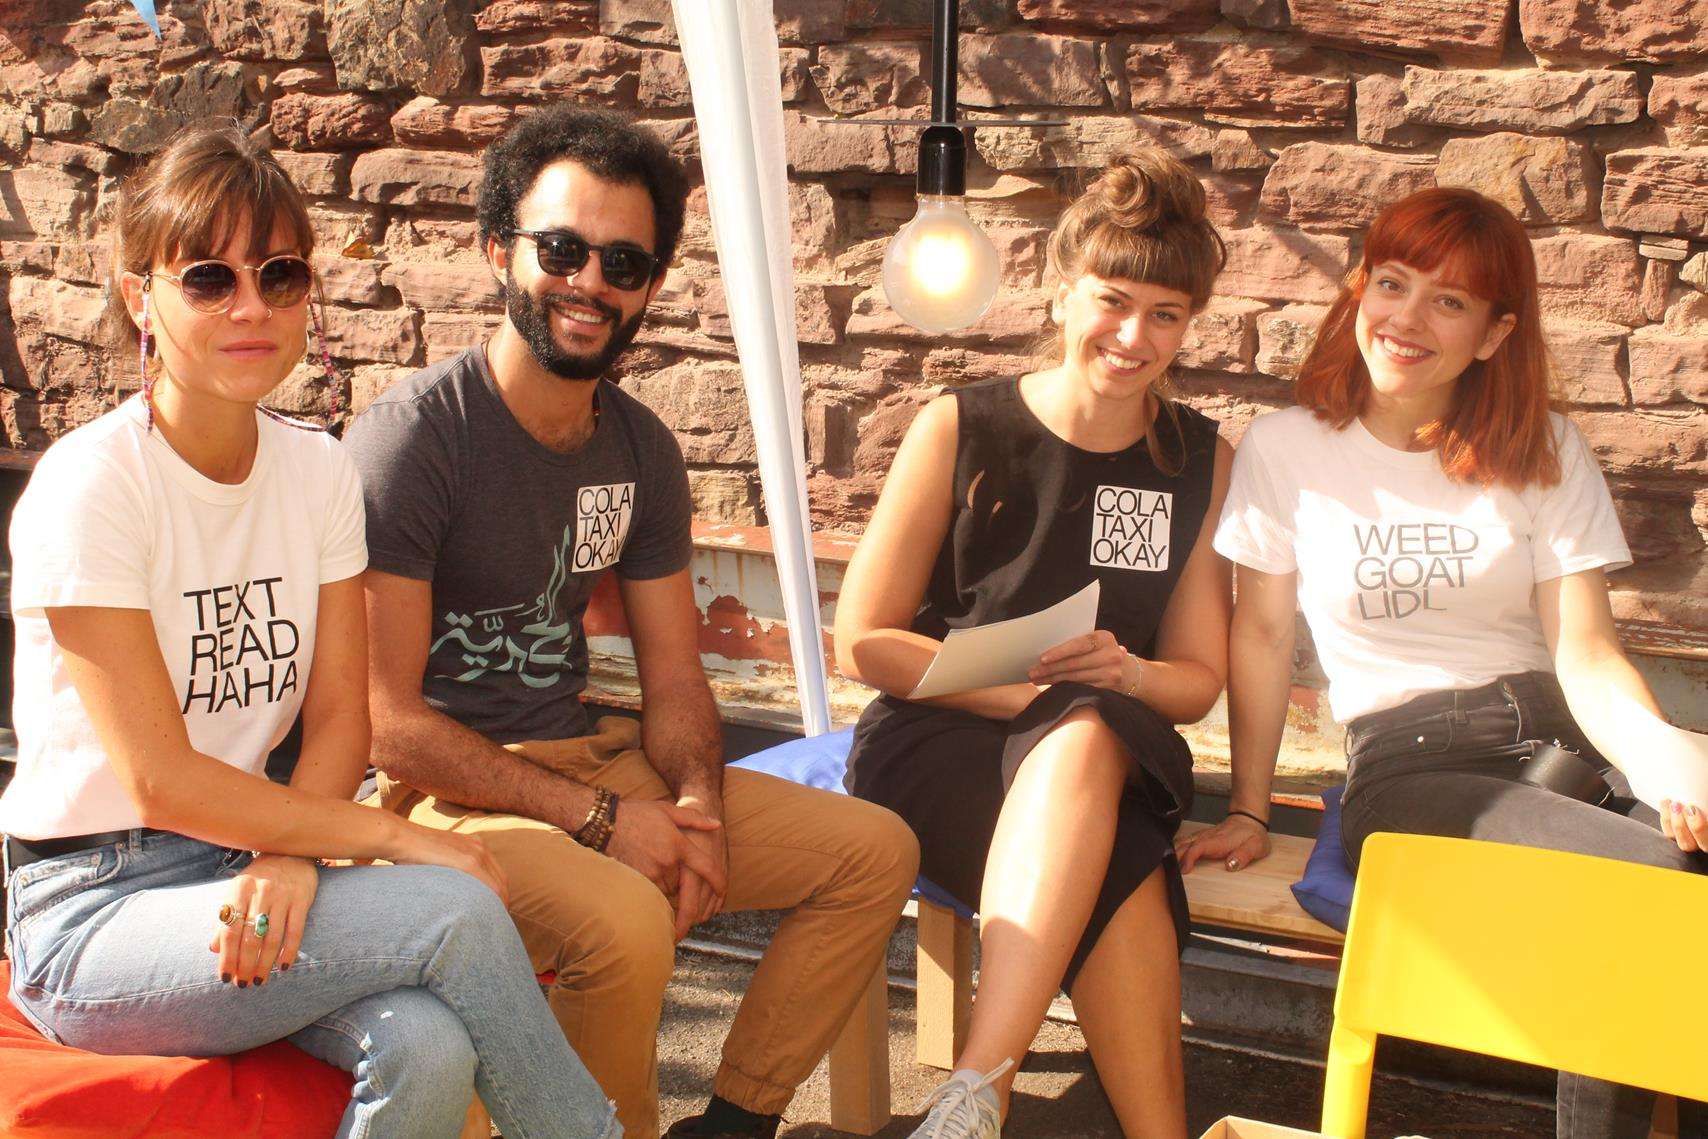 Die Mitarbeiter des COLA TAXI OKAY, einem Kultur- und Projektraum im Zentrum von Karlsruhe, der ein Treffpunkt von Menschen mit und ohne Migrationshintergrund und jeden Alters bietet, um sich gegenseitig auszutauschen.